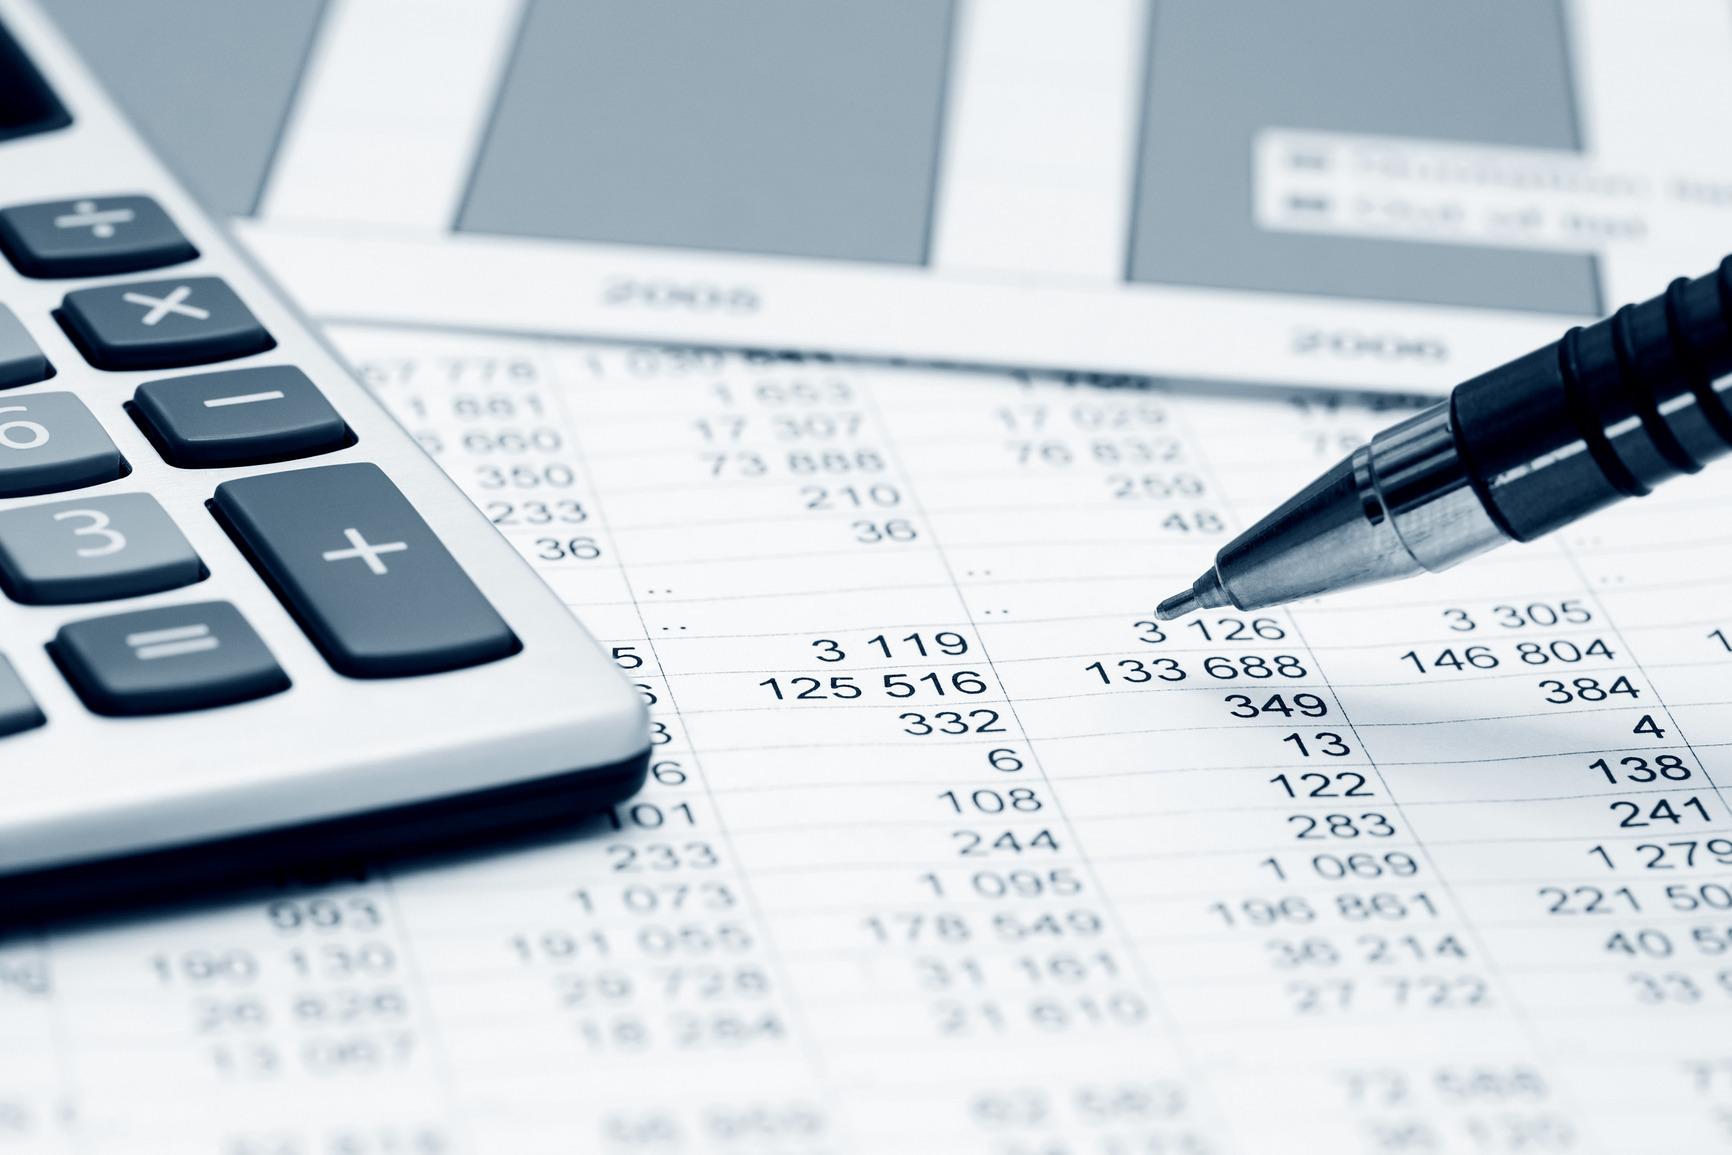 Comptabilit d finition c 39 est quoi - Cabinet d expertise comptable definition ...